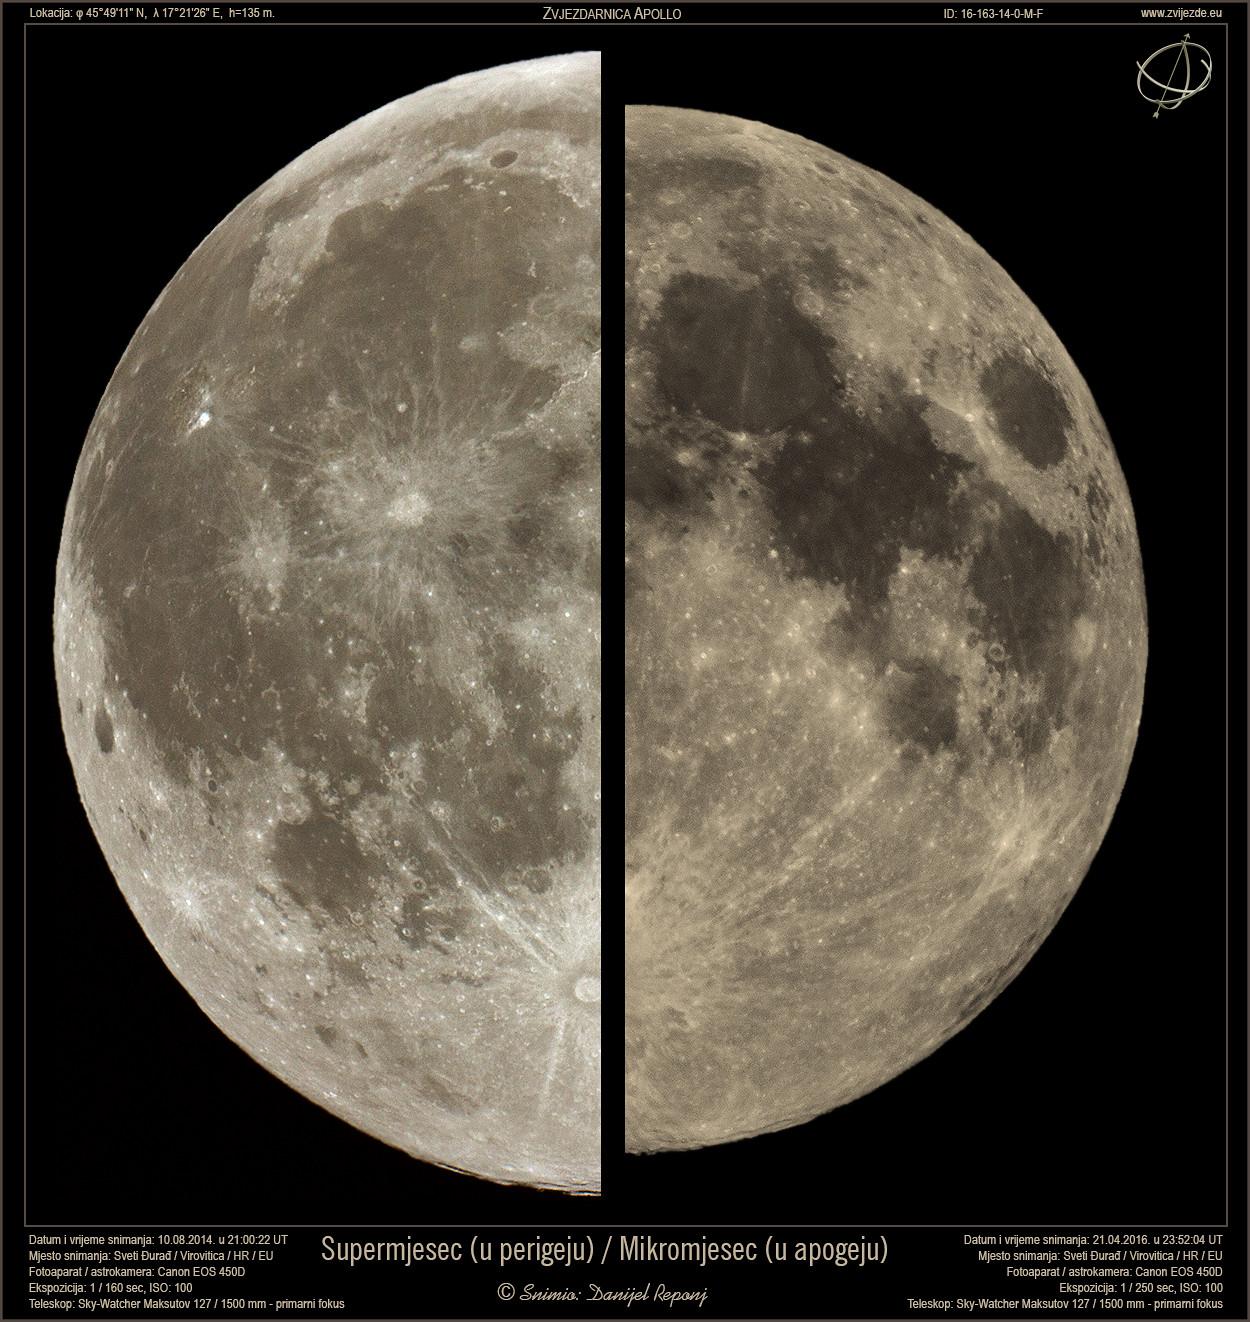 Usporedba - Supermjesec (u perigeju) / Mikromjesec (u apogeju)